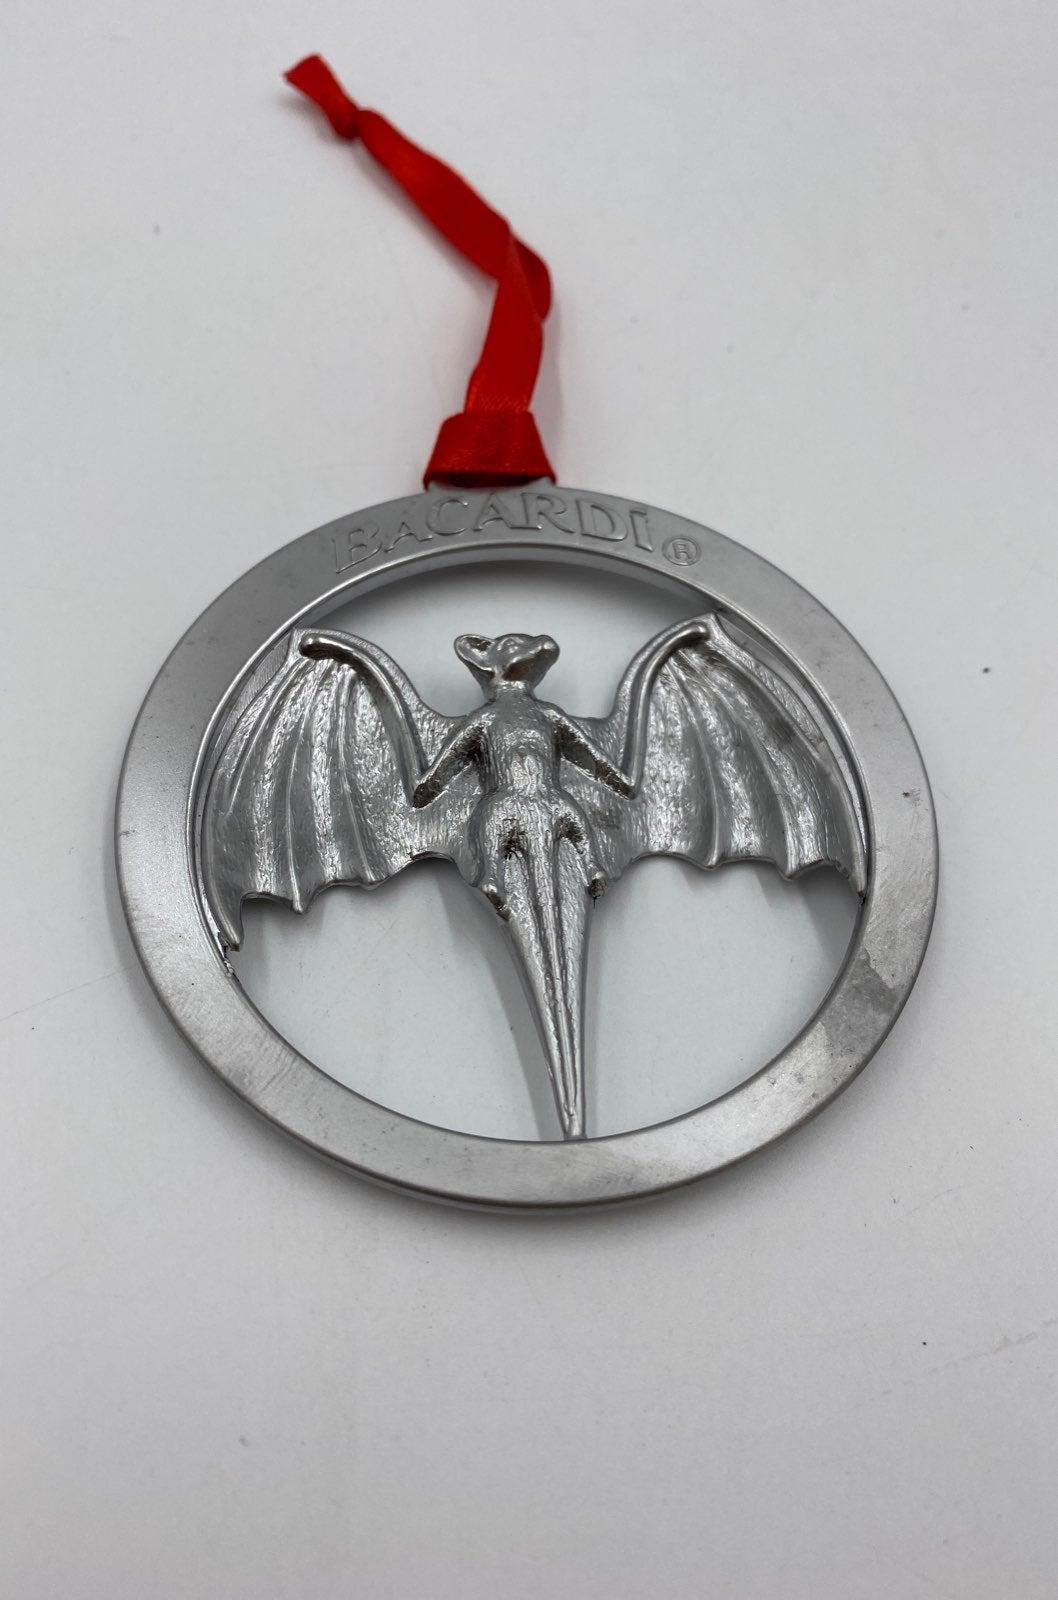 Bacardi bat ornament metal rum